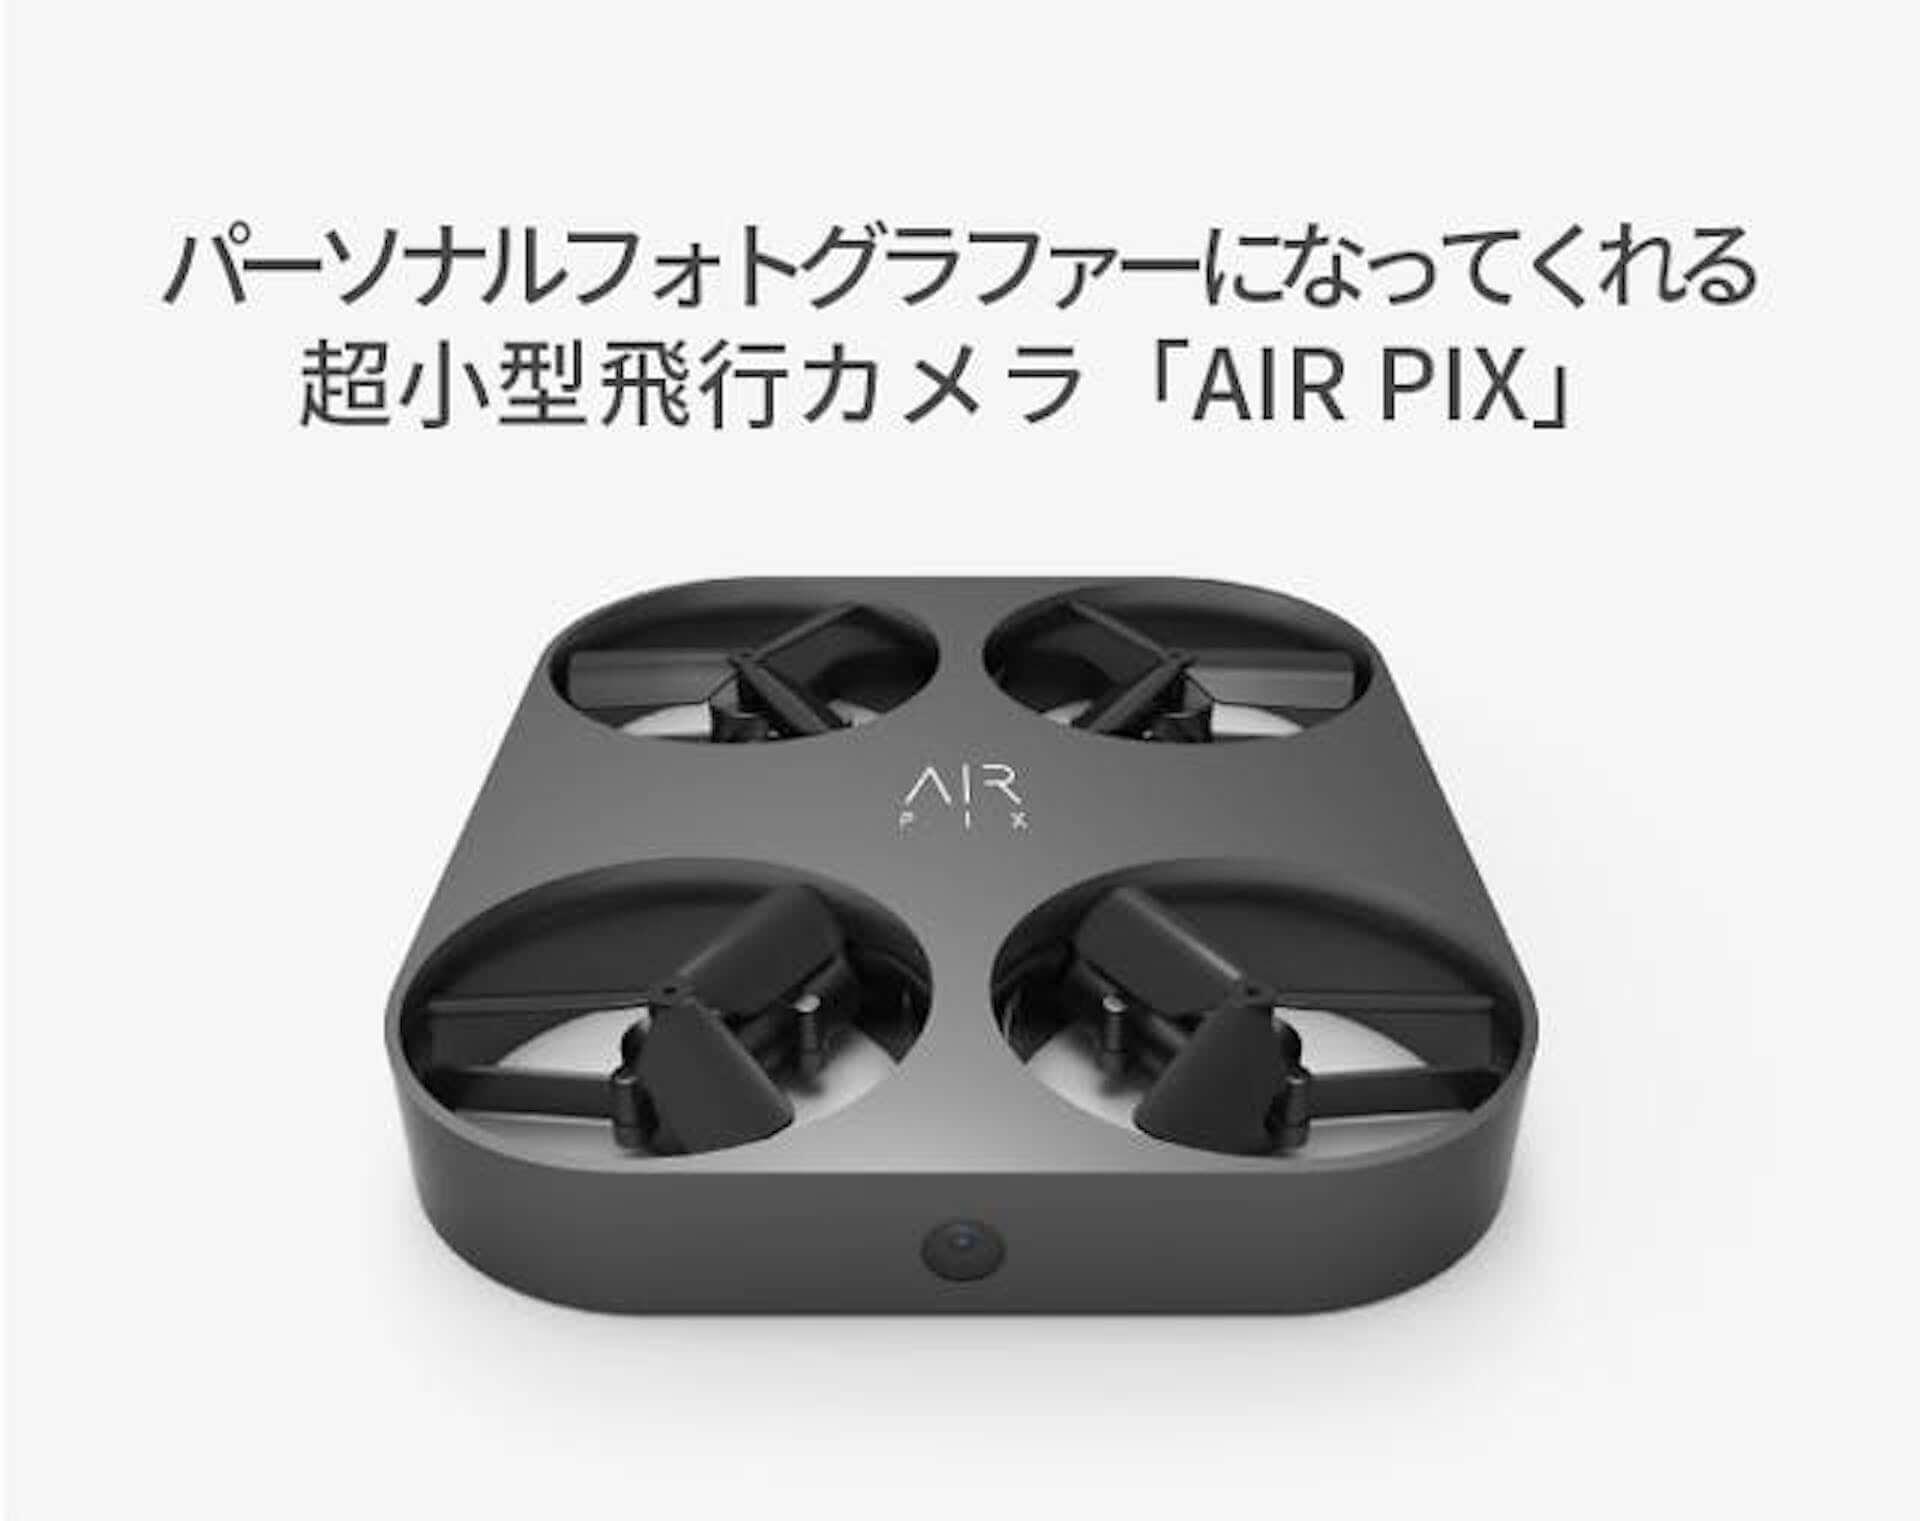 上空からSNS映え写真が撮れる、52gの超軽量・世界最小のセルフィードローン「AIR PIX」登場! technology190814airpix_12-1920x1521